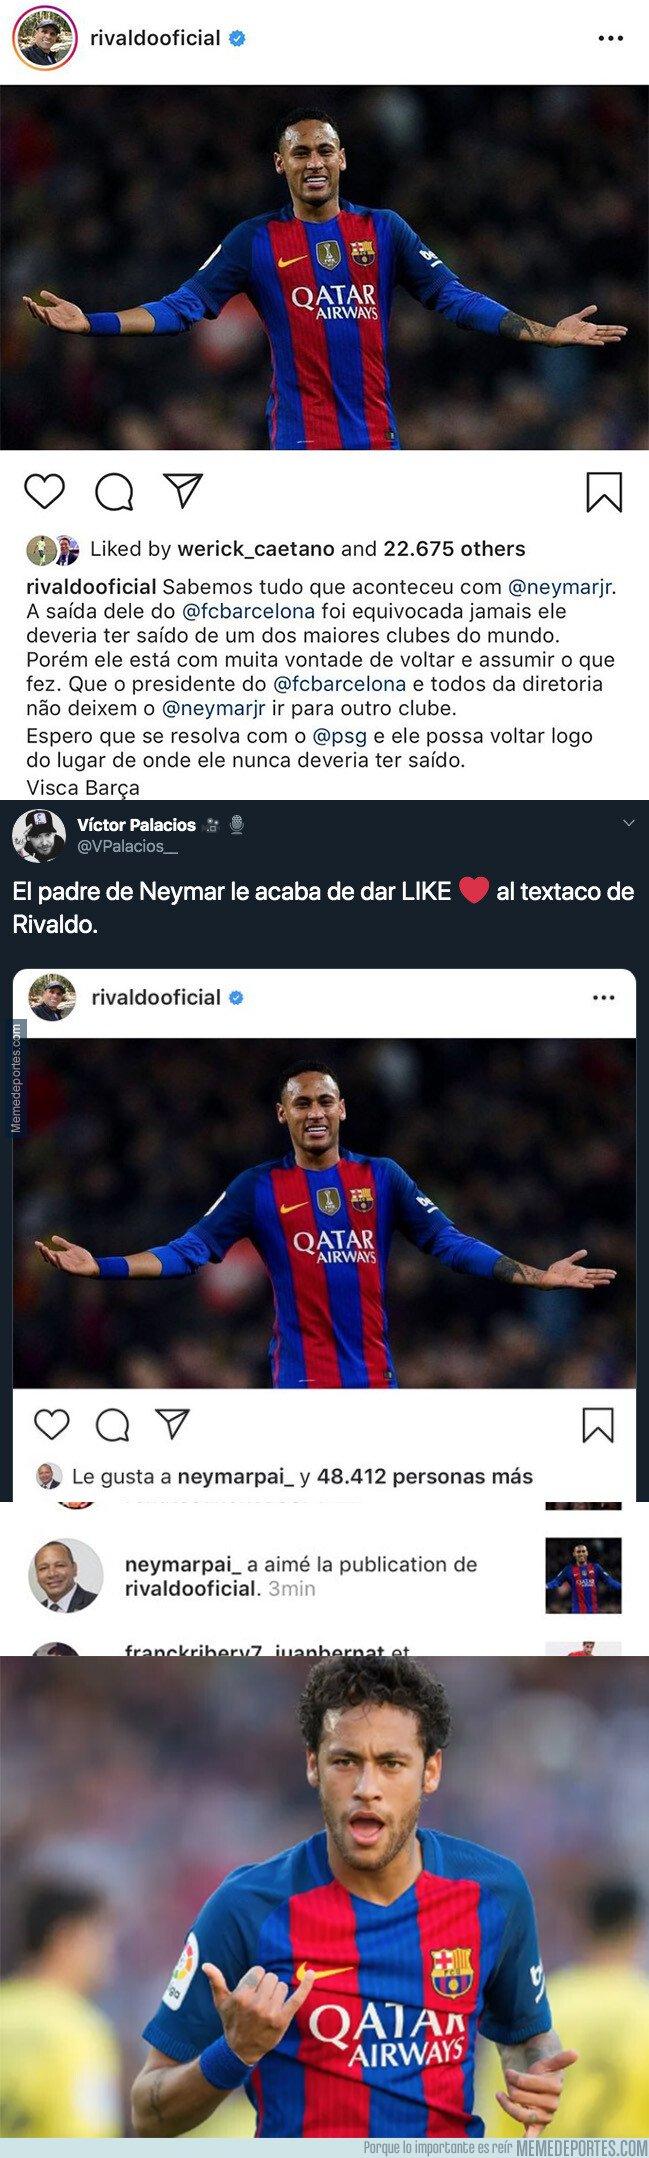 1084338 - El padre de Neymar acaba de darle 'me gusta' a esta publicación de Instagram y acaba de revolucionar todo internet